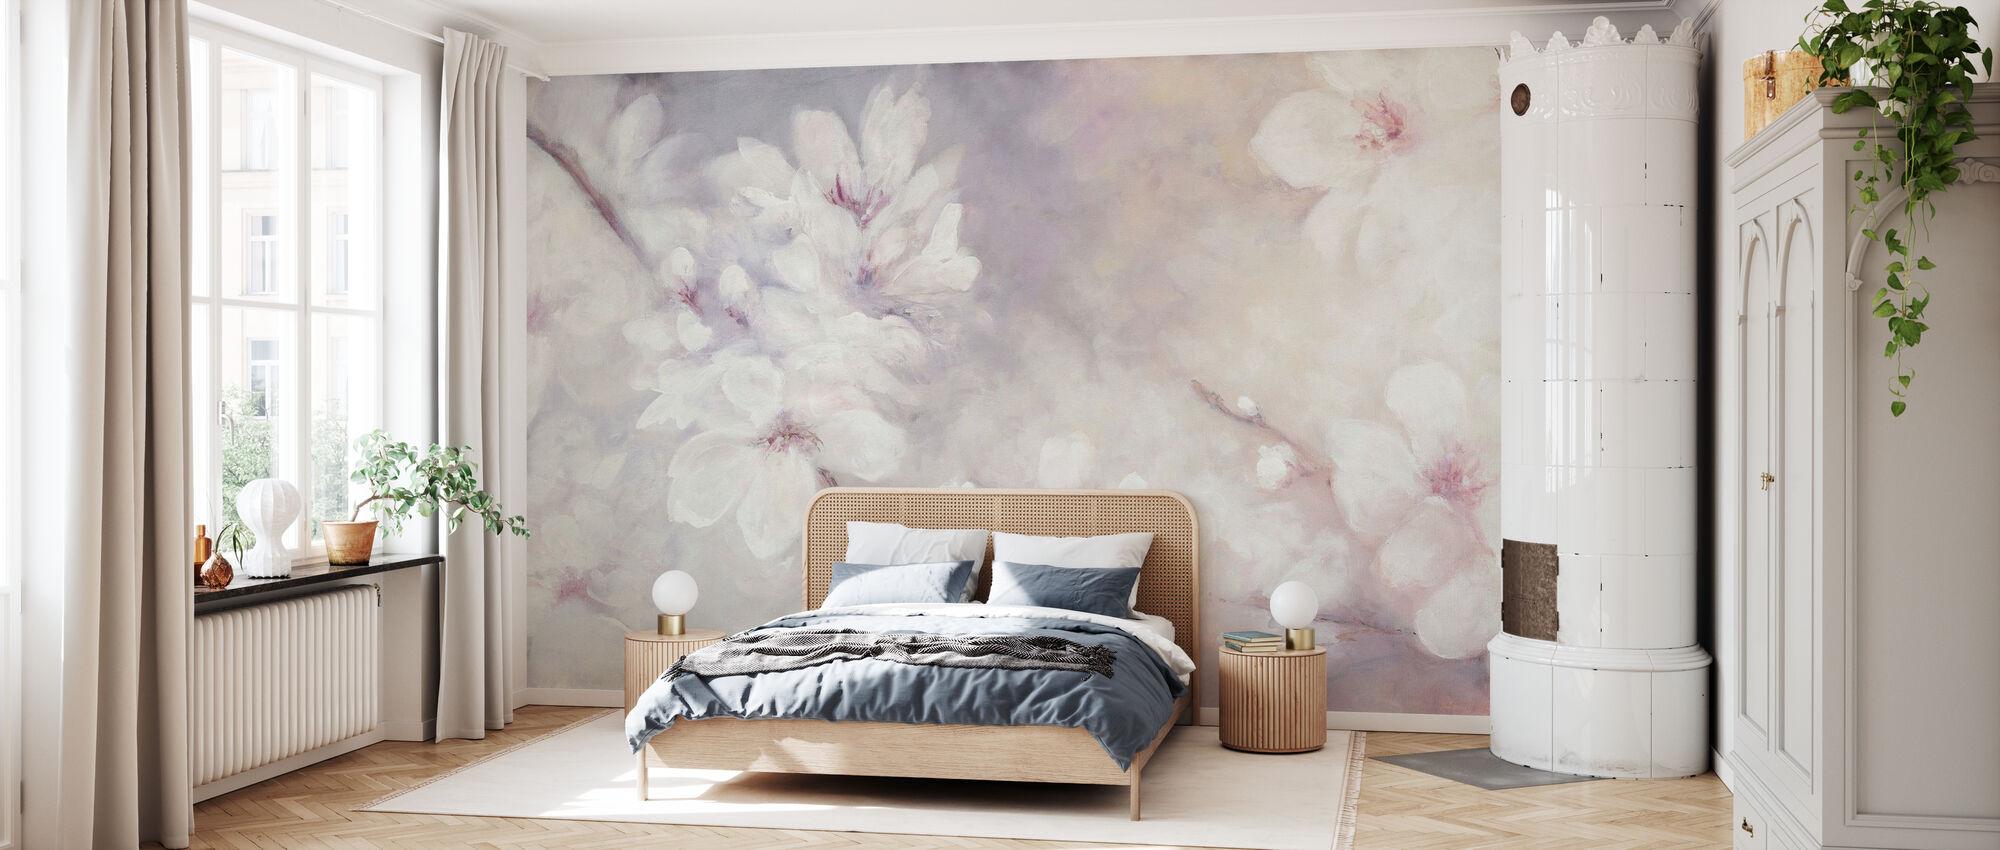 Kirsikankukkia maalaus - Tapetti - Makuuhuone